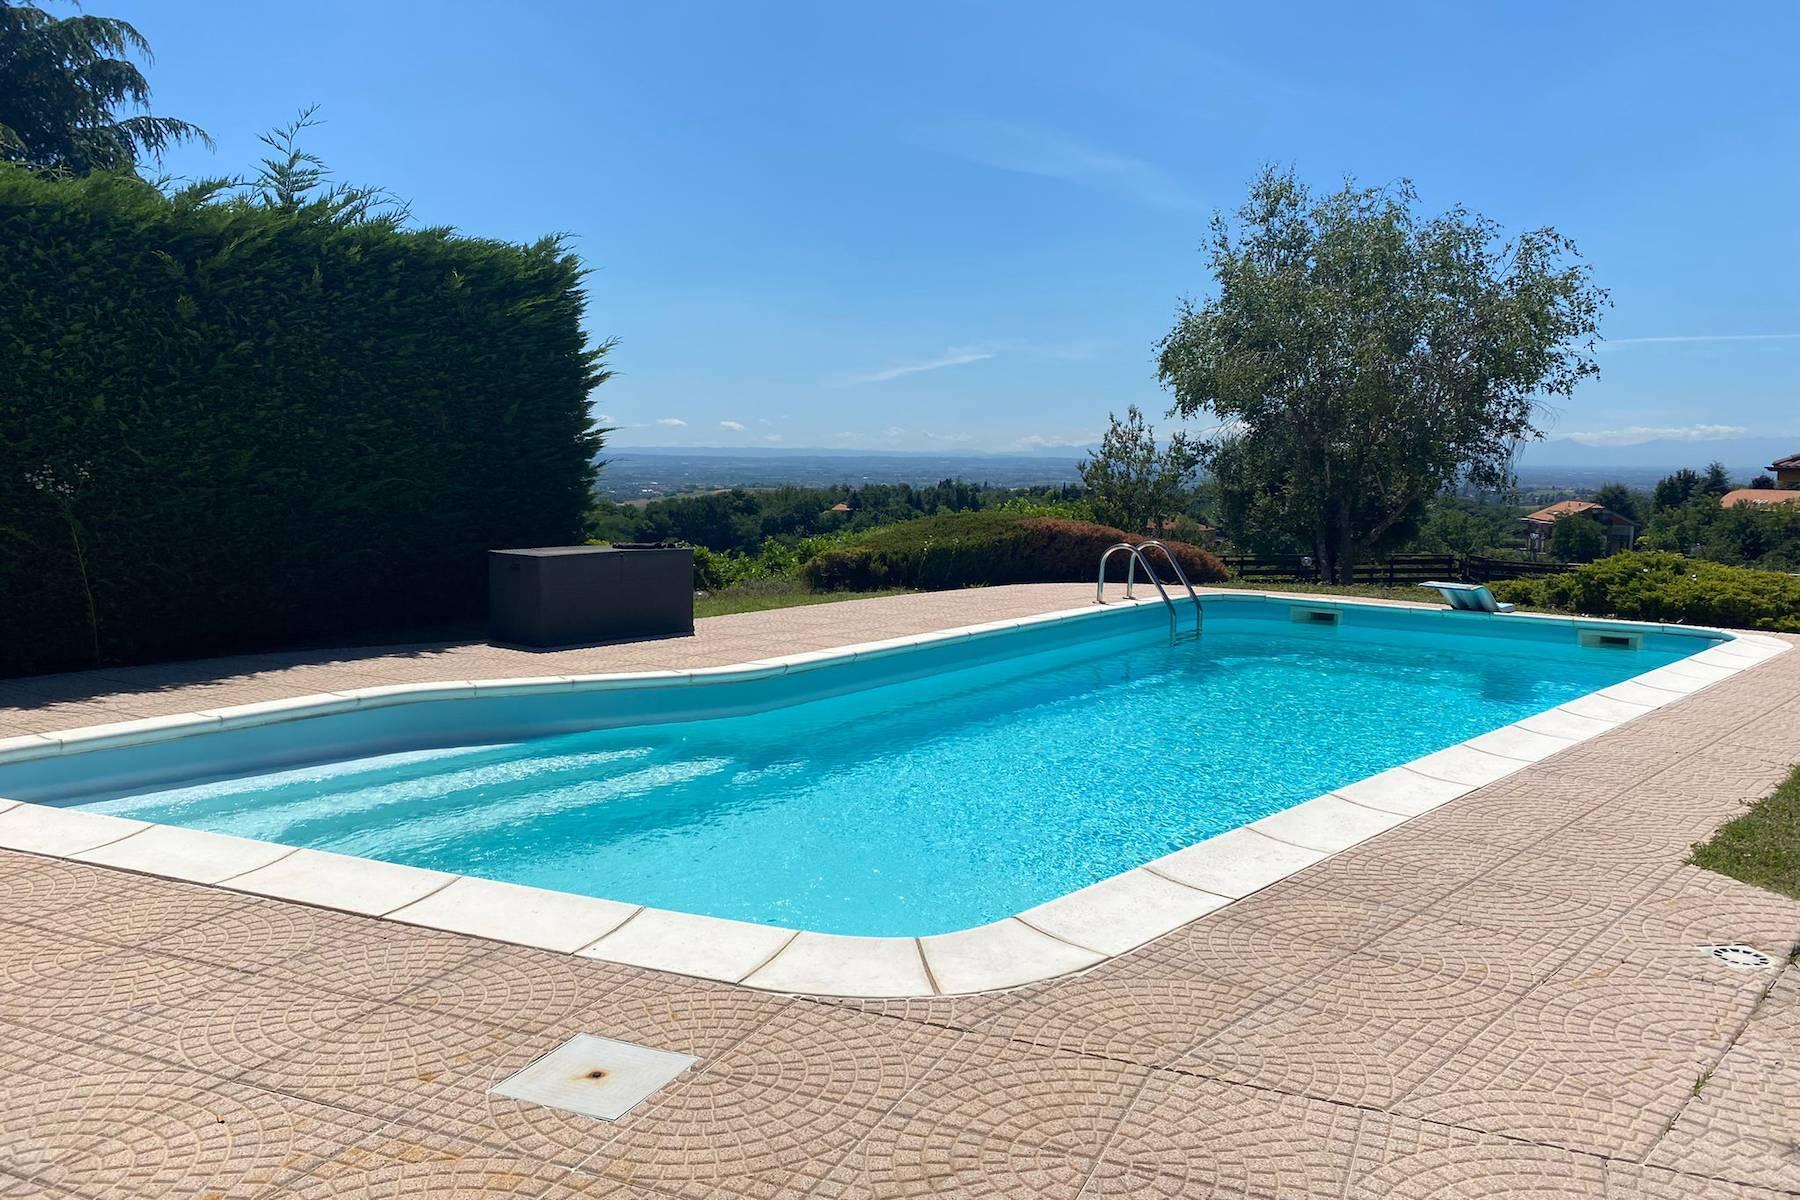 Villa moderna con giardino privato e piscina - 2